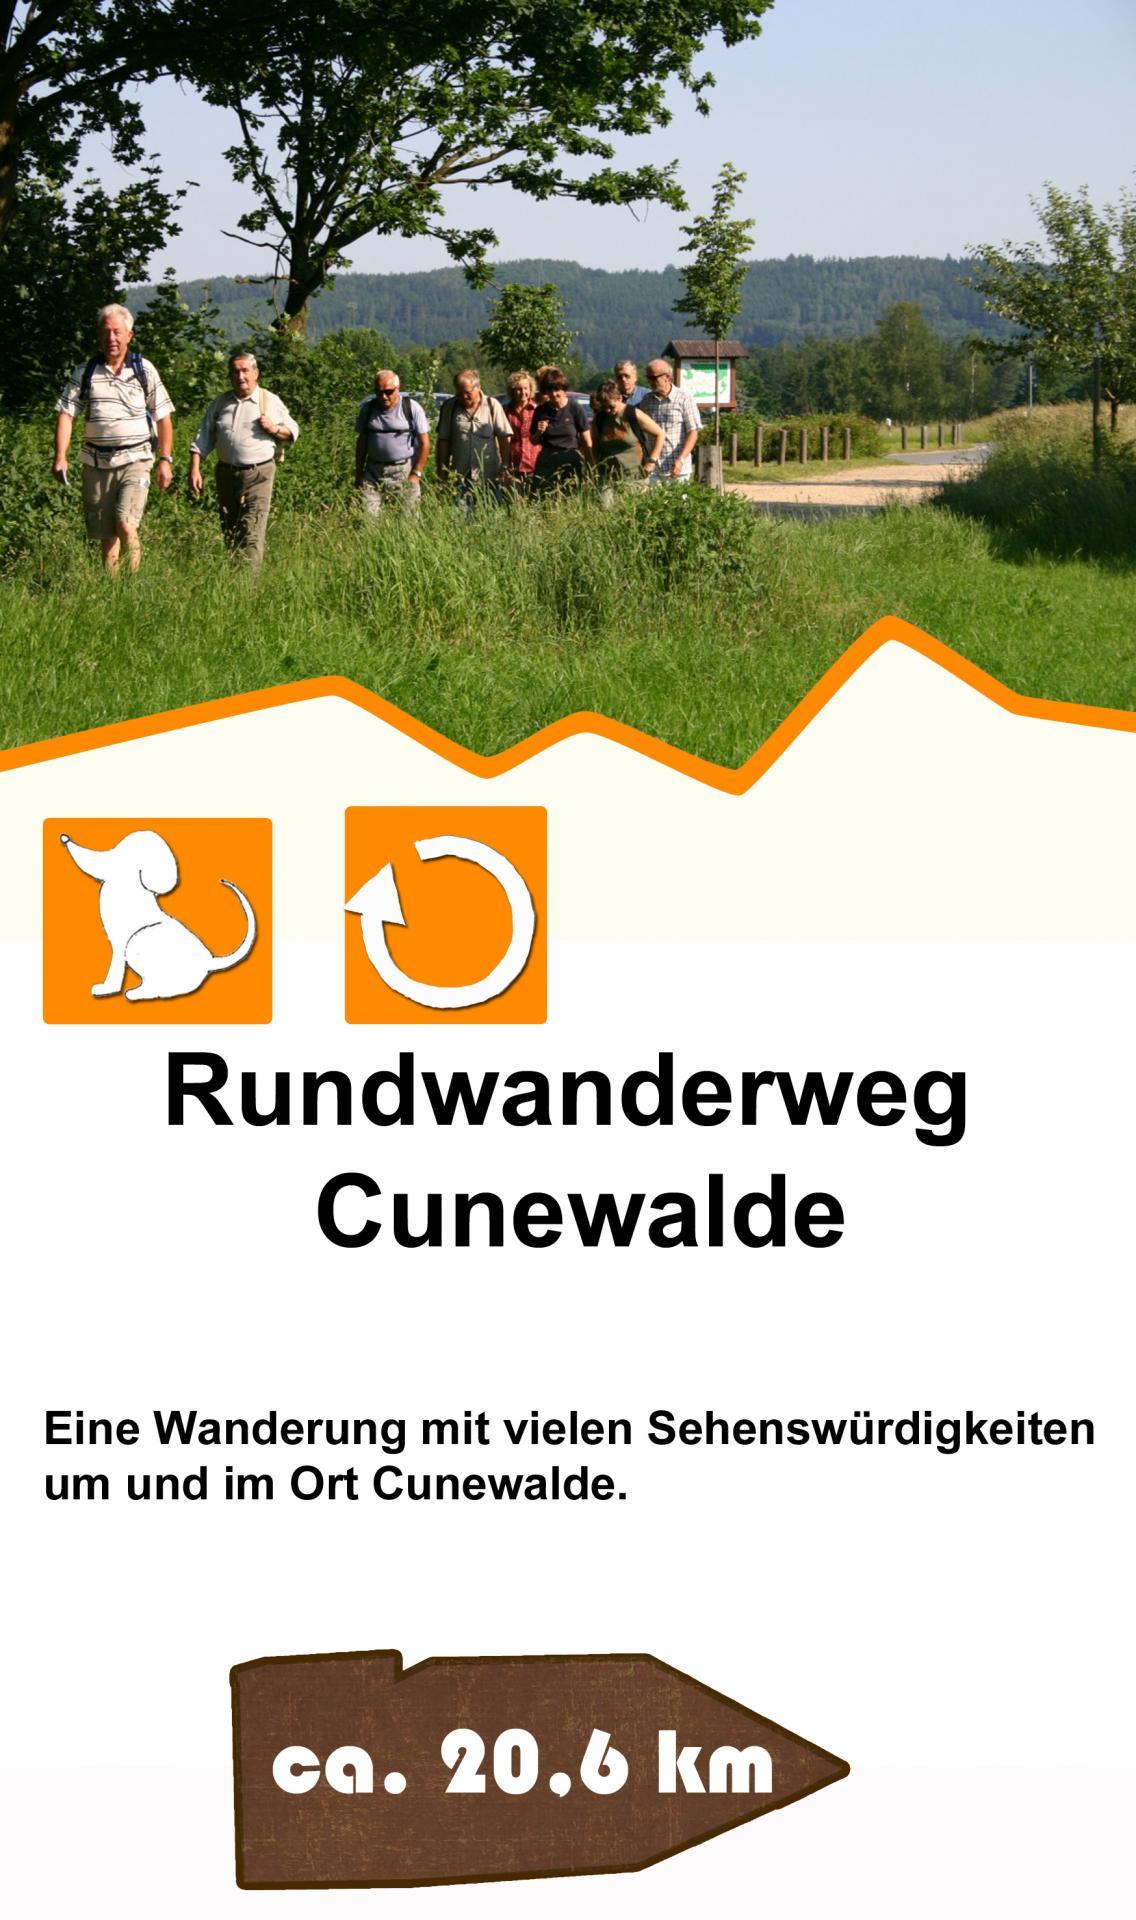 Rundwanderweg Cunewalde